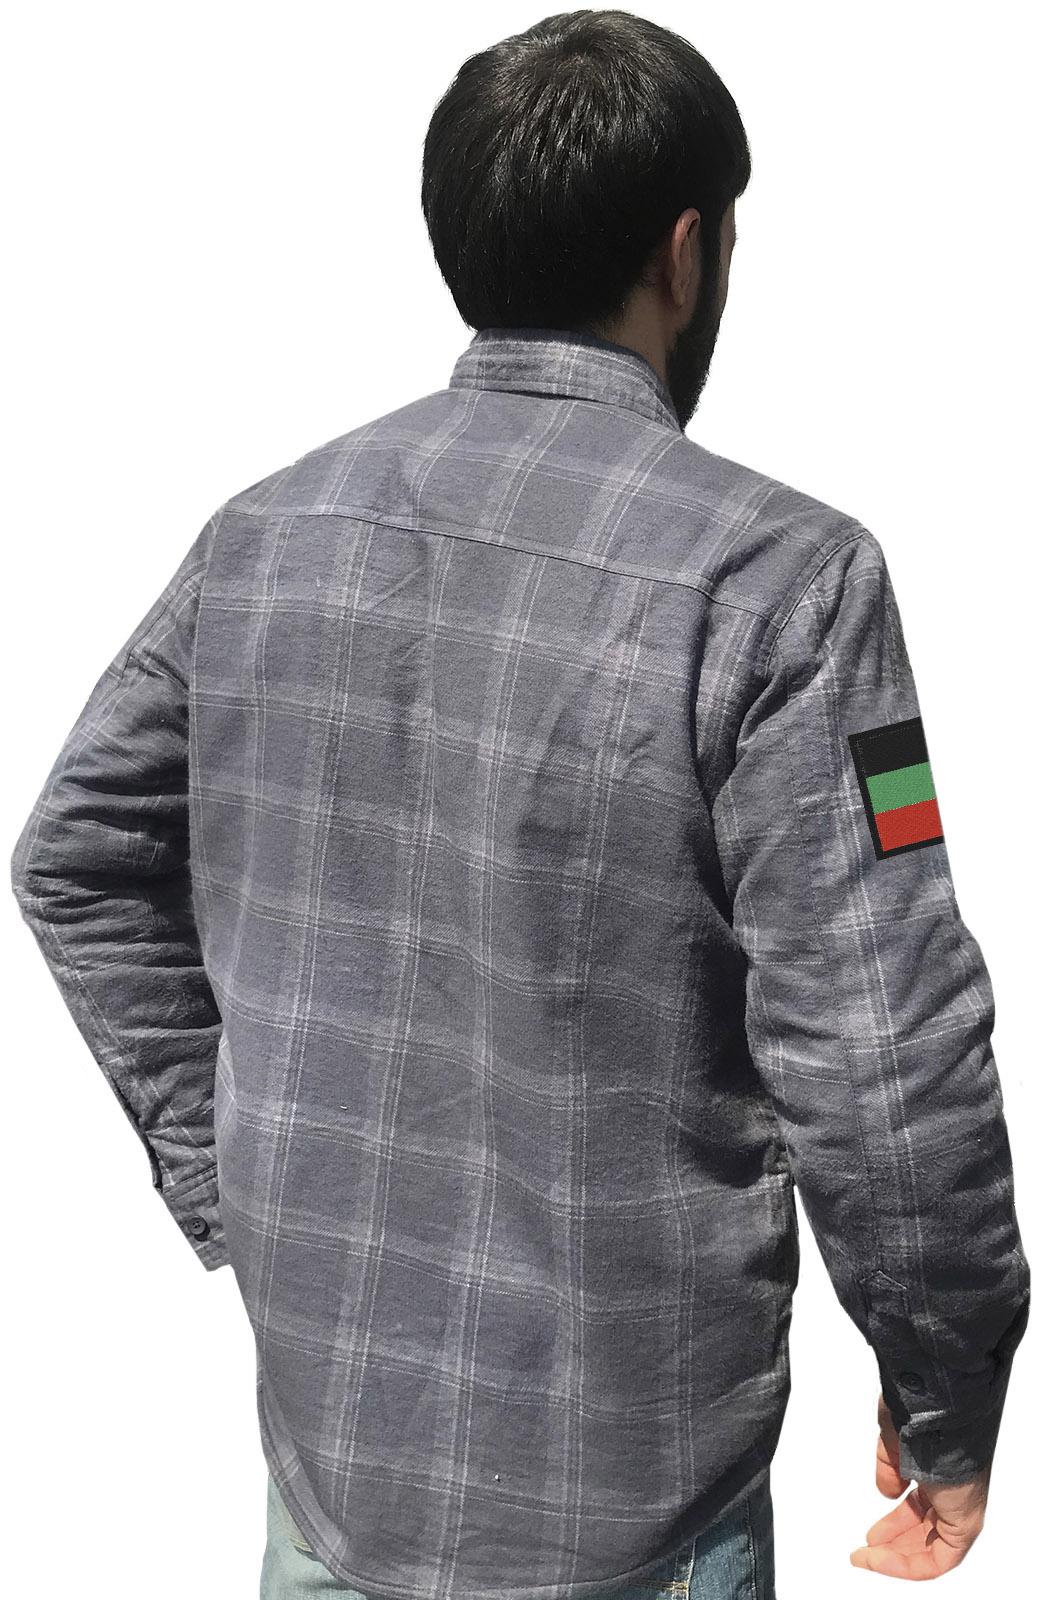 Купить утепленную рубашку с вышитым шевроном Казачества Терского оптом или в розницу